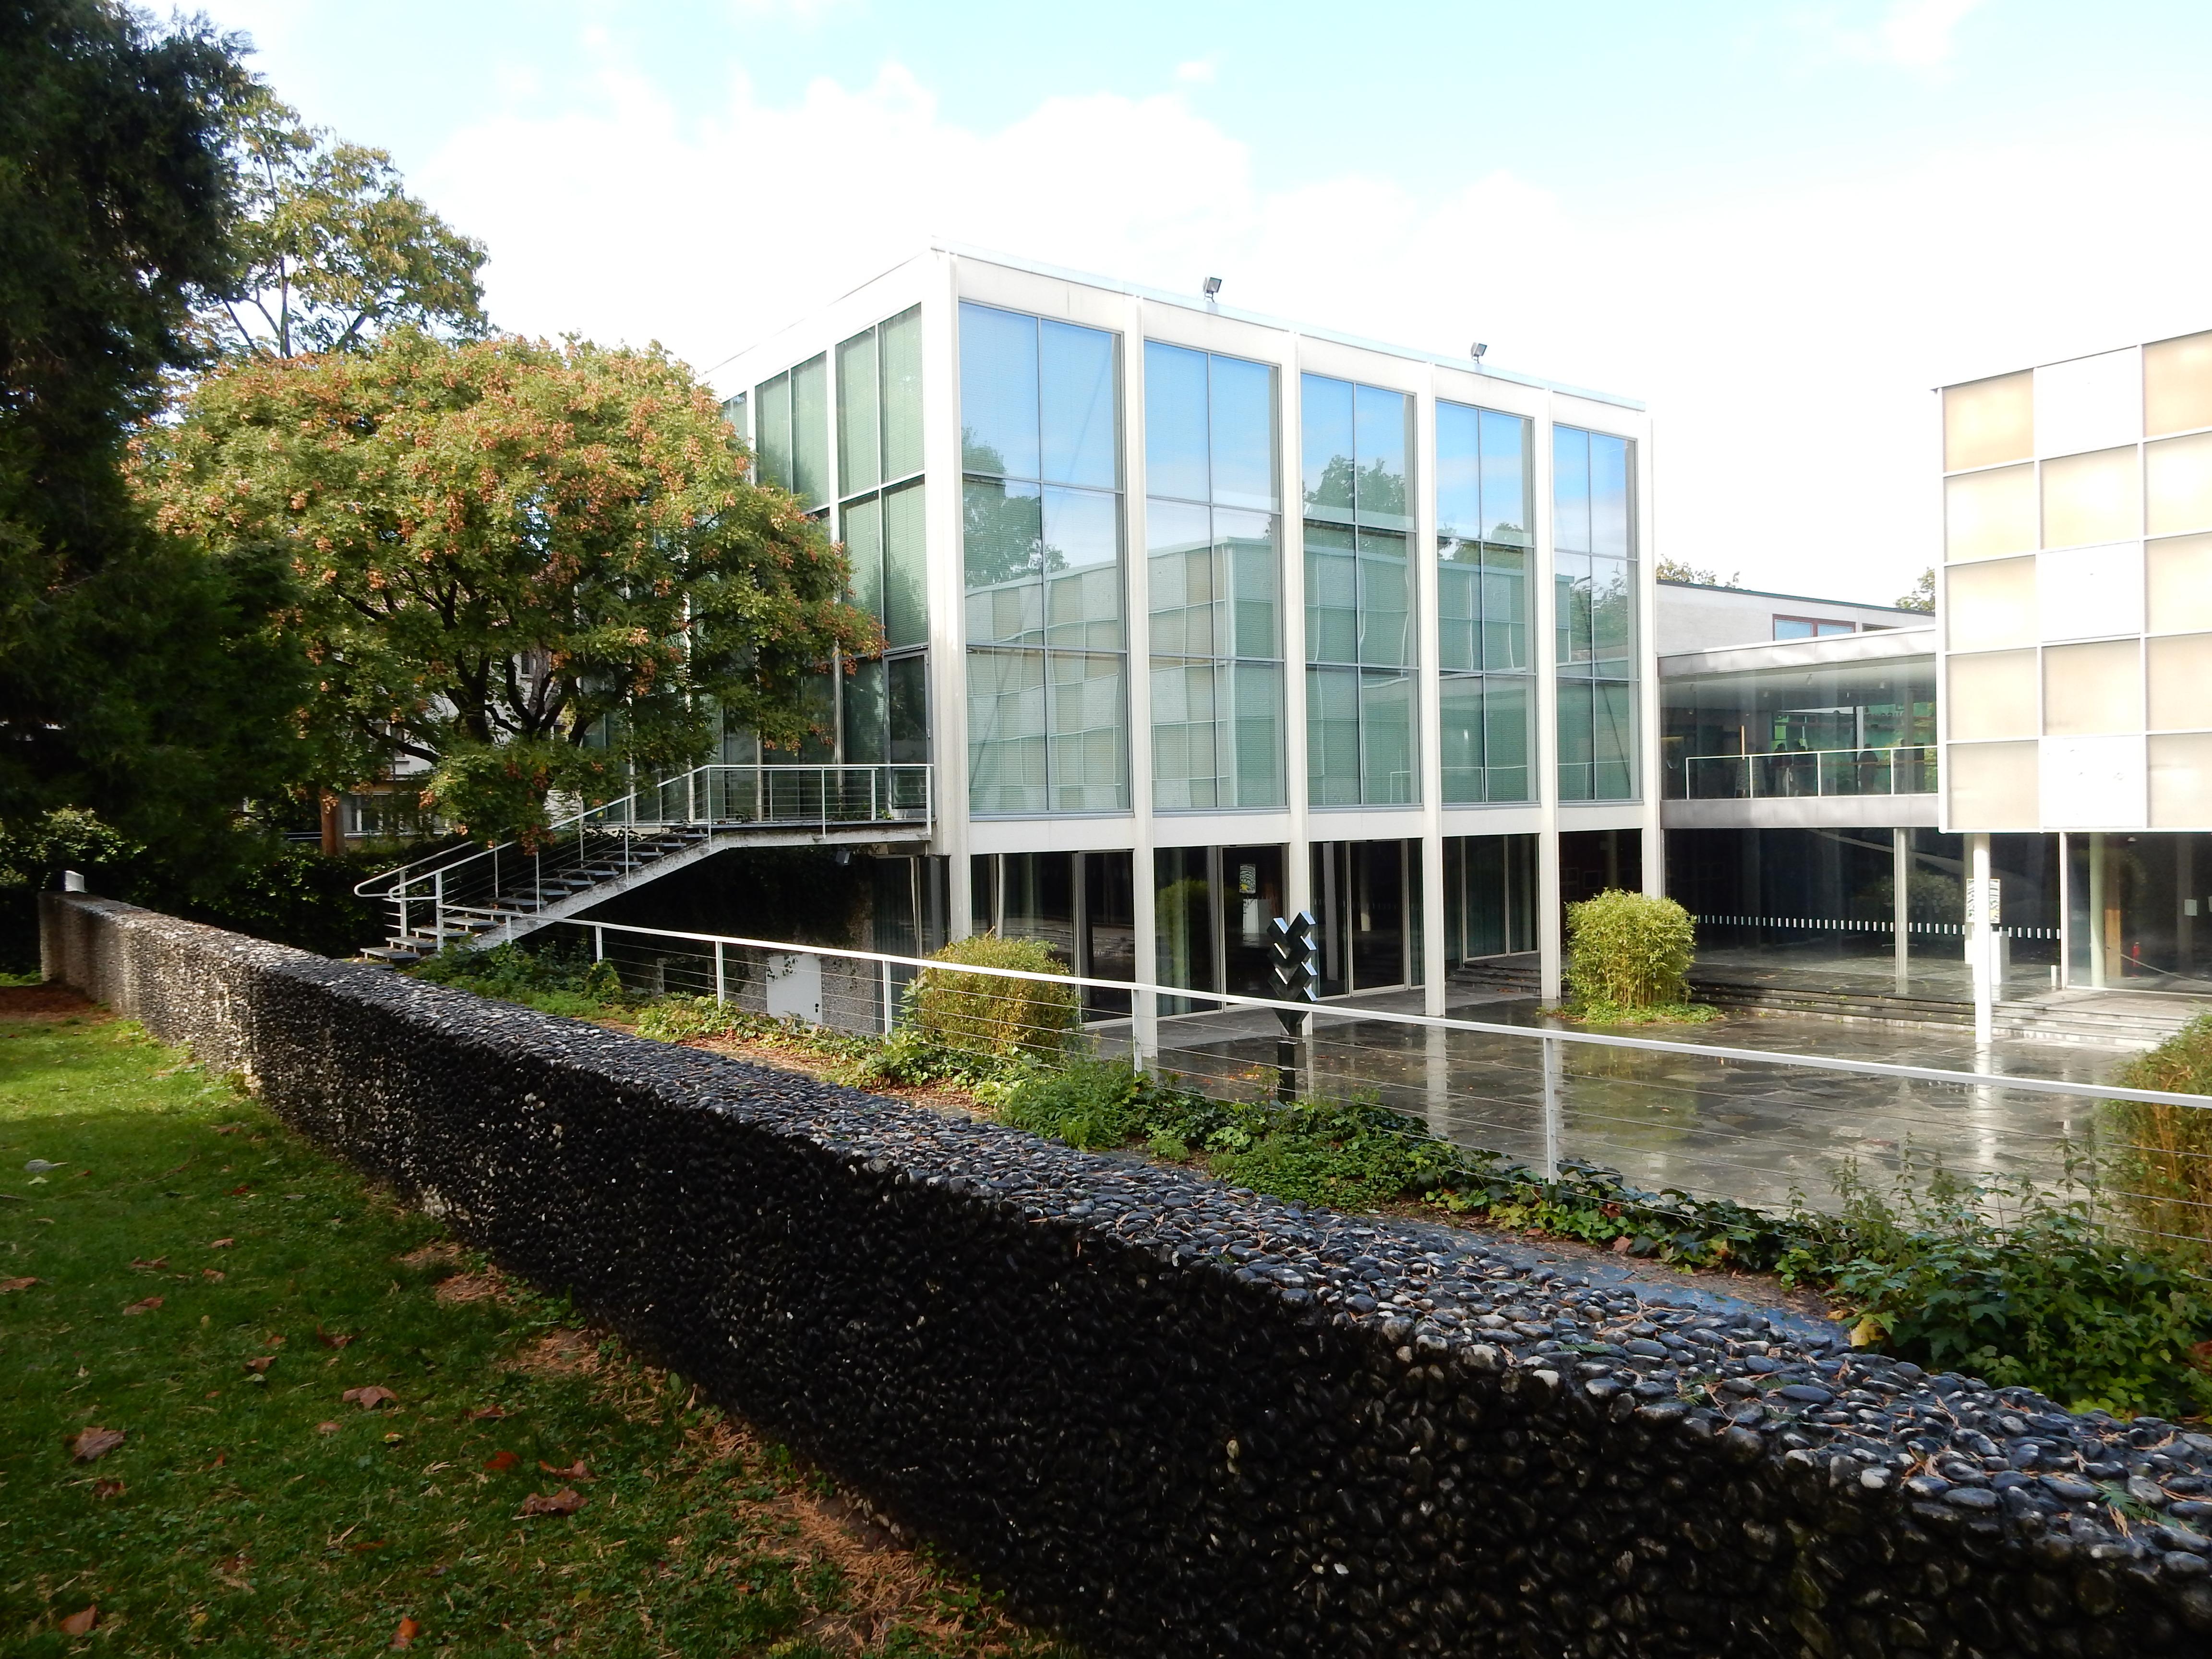 Schmuckmuseum Pforzheim, 14 september 2017. Foto met dank aan Coert Peter Krabbe, CC BY 4.0